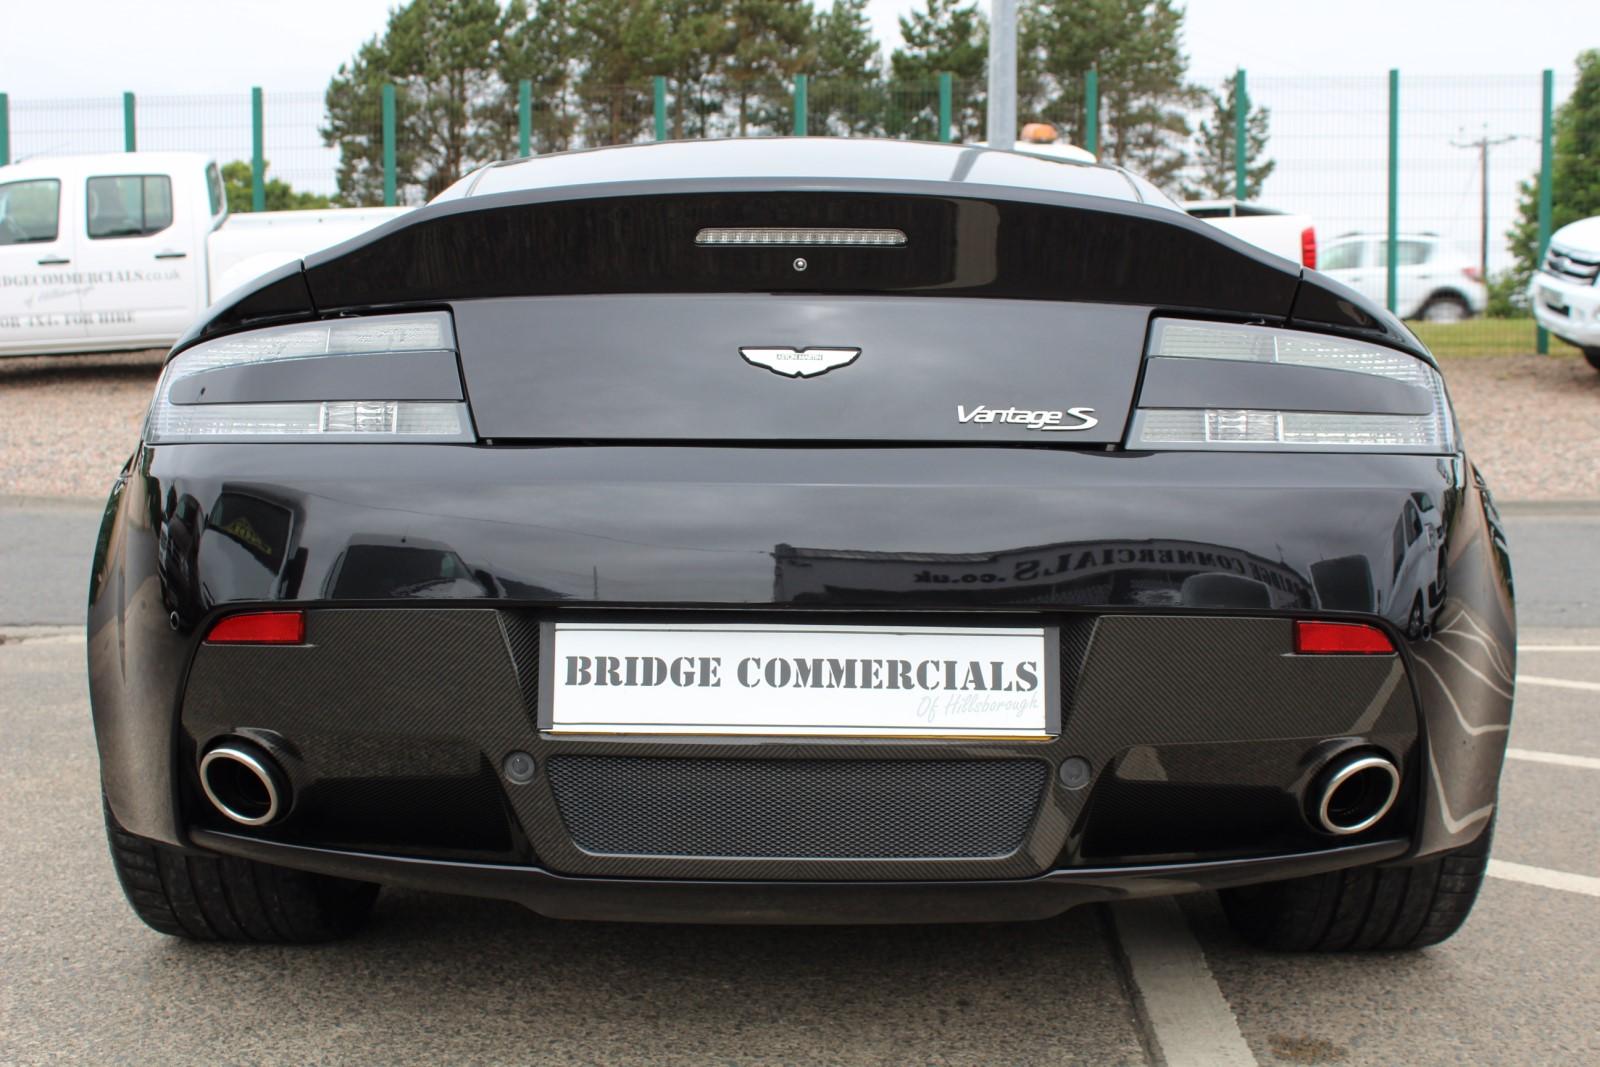 Bridge Comericials